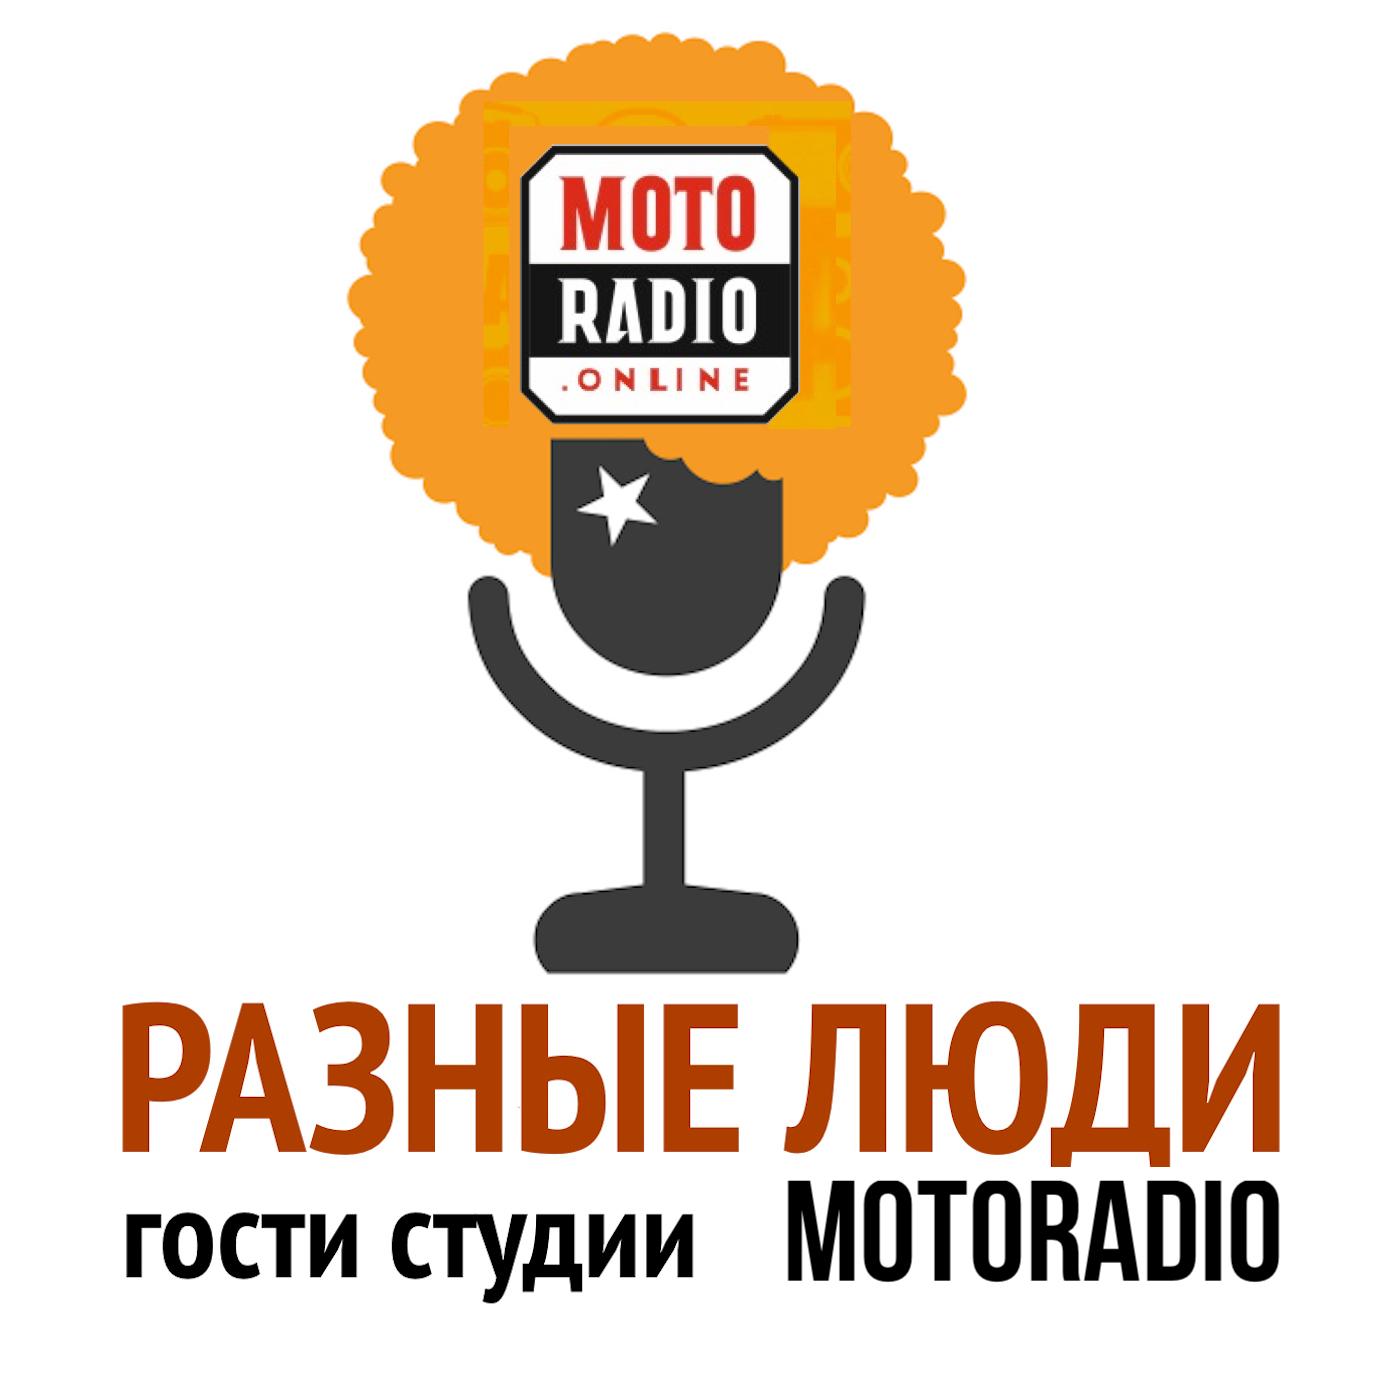 Моторадио Протоиерей Вячеслав Харинов ответил на вопросы ведущей эфира на радио Imagine